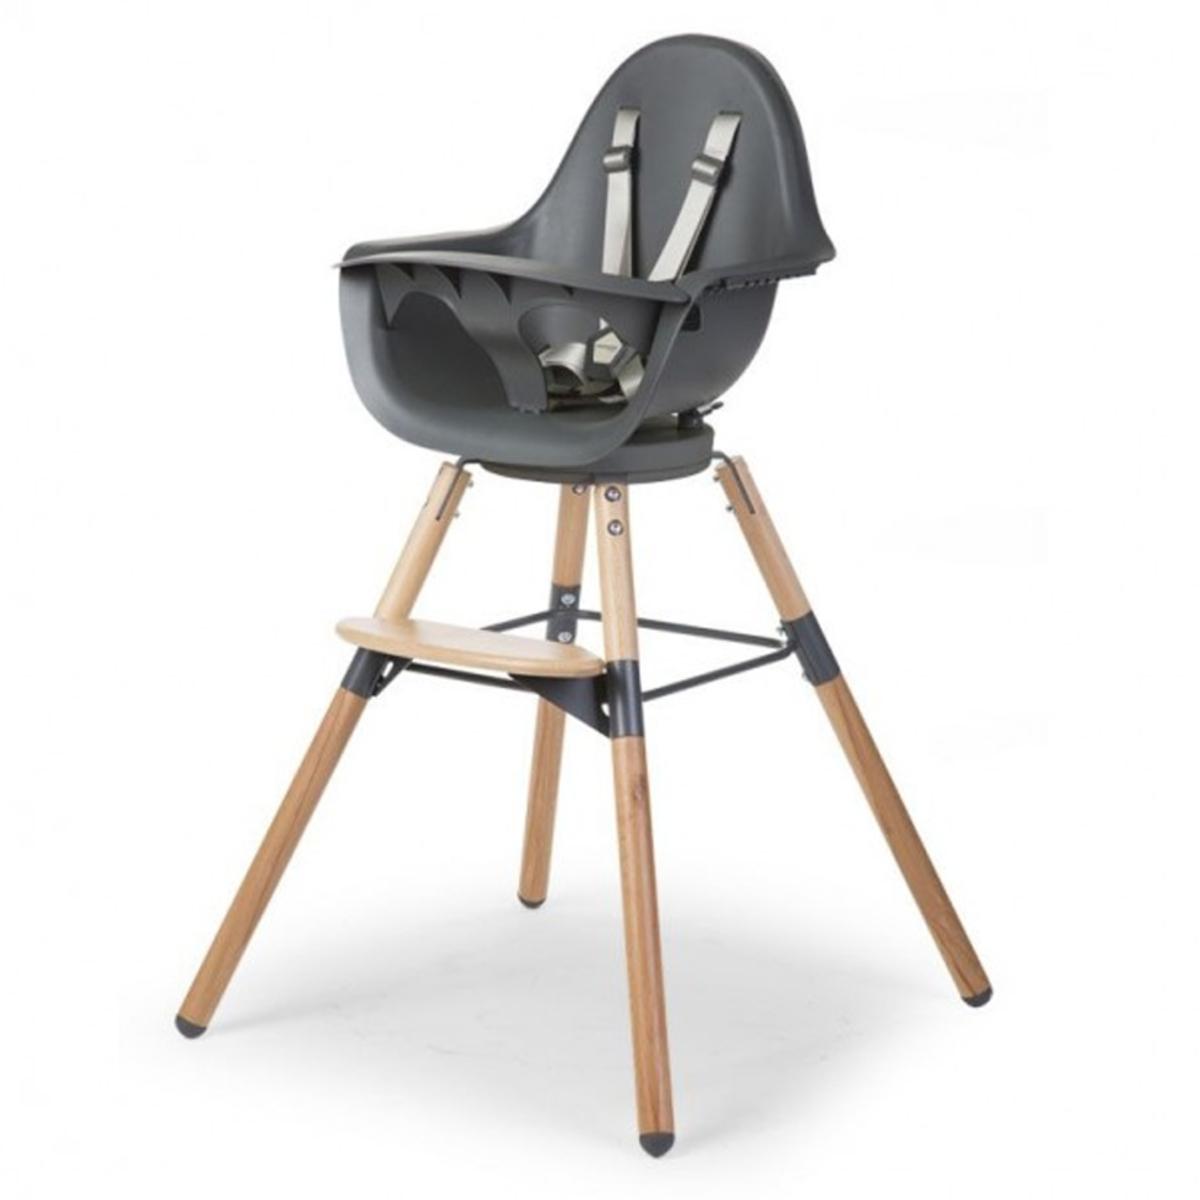 Chaise haute Chaise Haute Evolu One.80° - Bois et Anthracite Chaise Haute Evolu One.80° - Bois et Anthracite